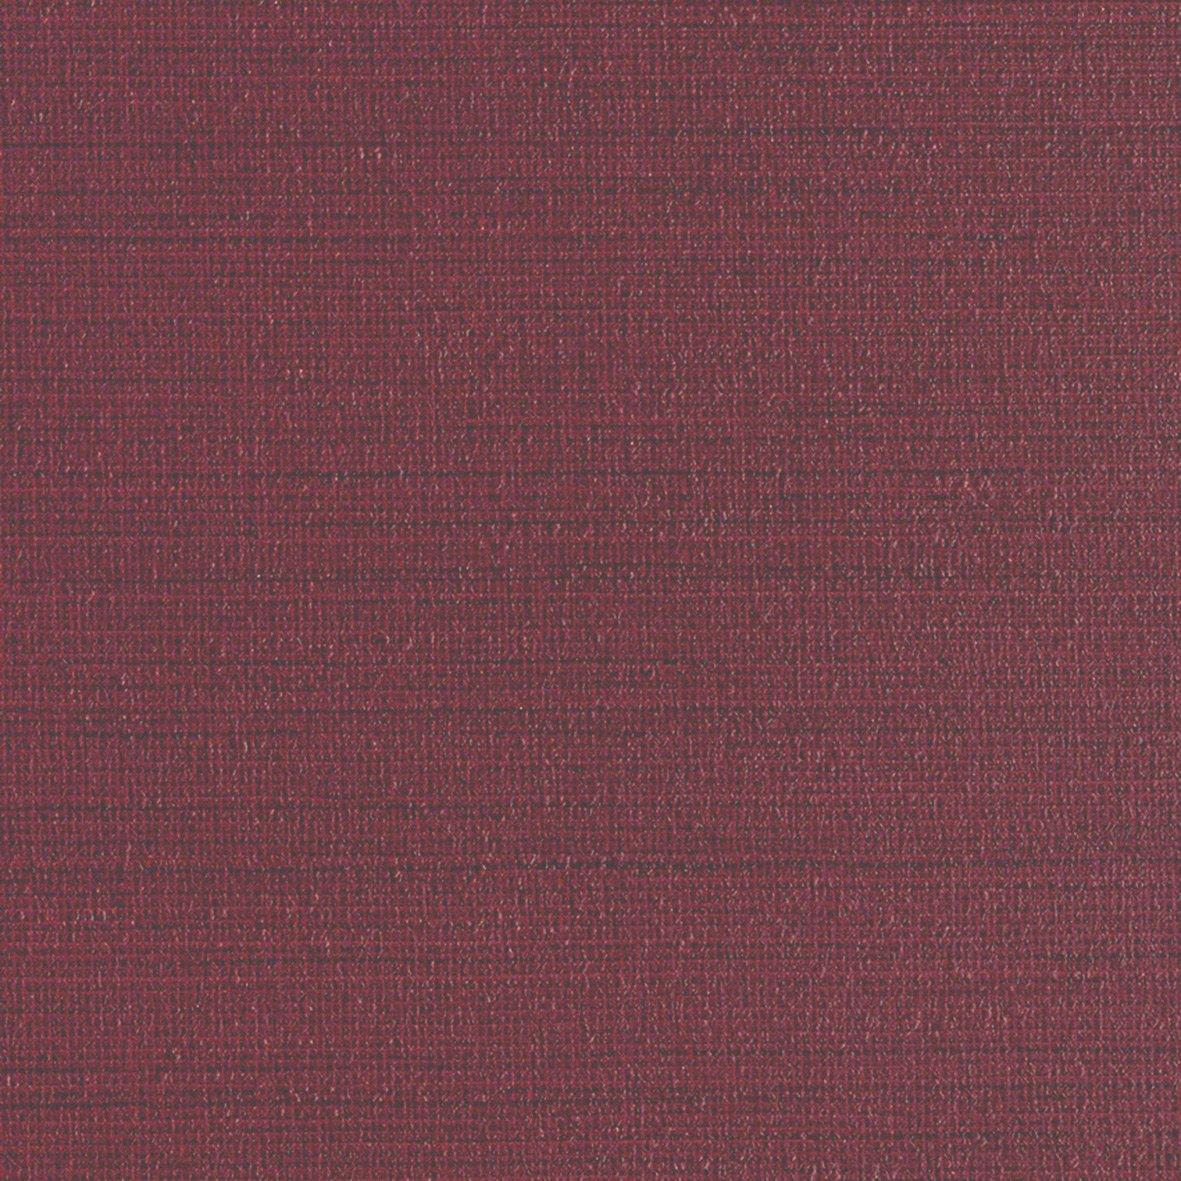 リリカラ 壁紙22m モダン 織物調 パープル カラーバリエーション LV-6153 B01IHPXXSK 22m|パープル